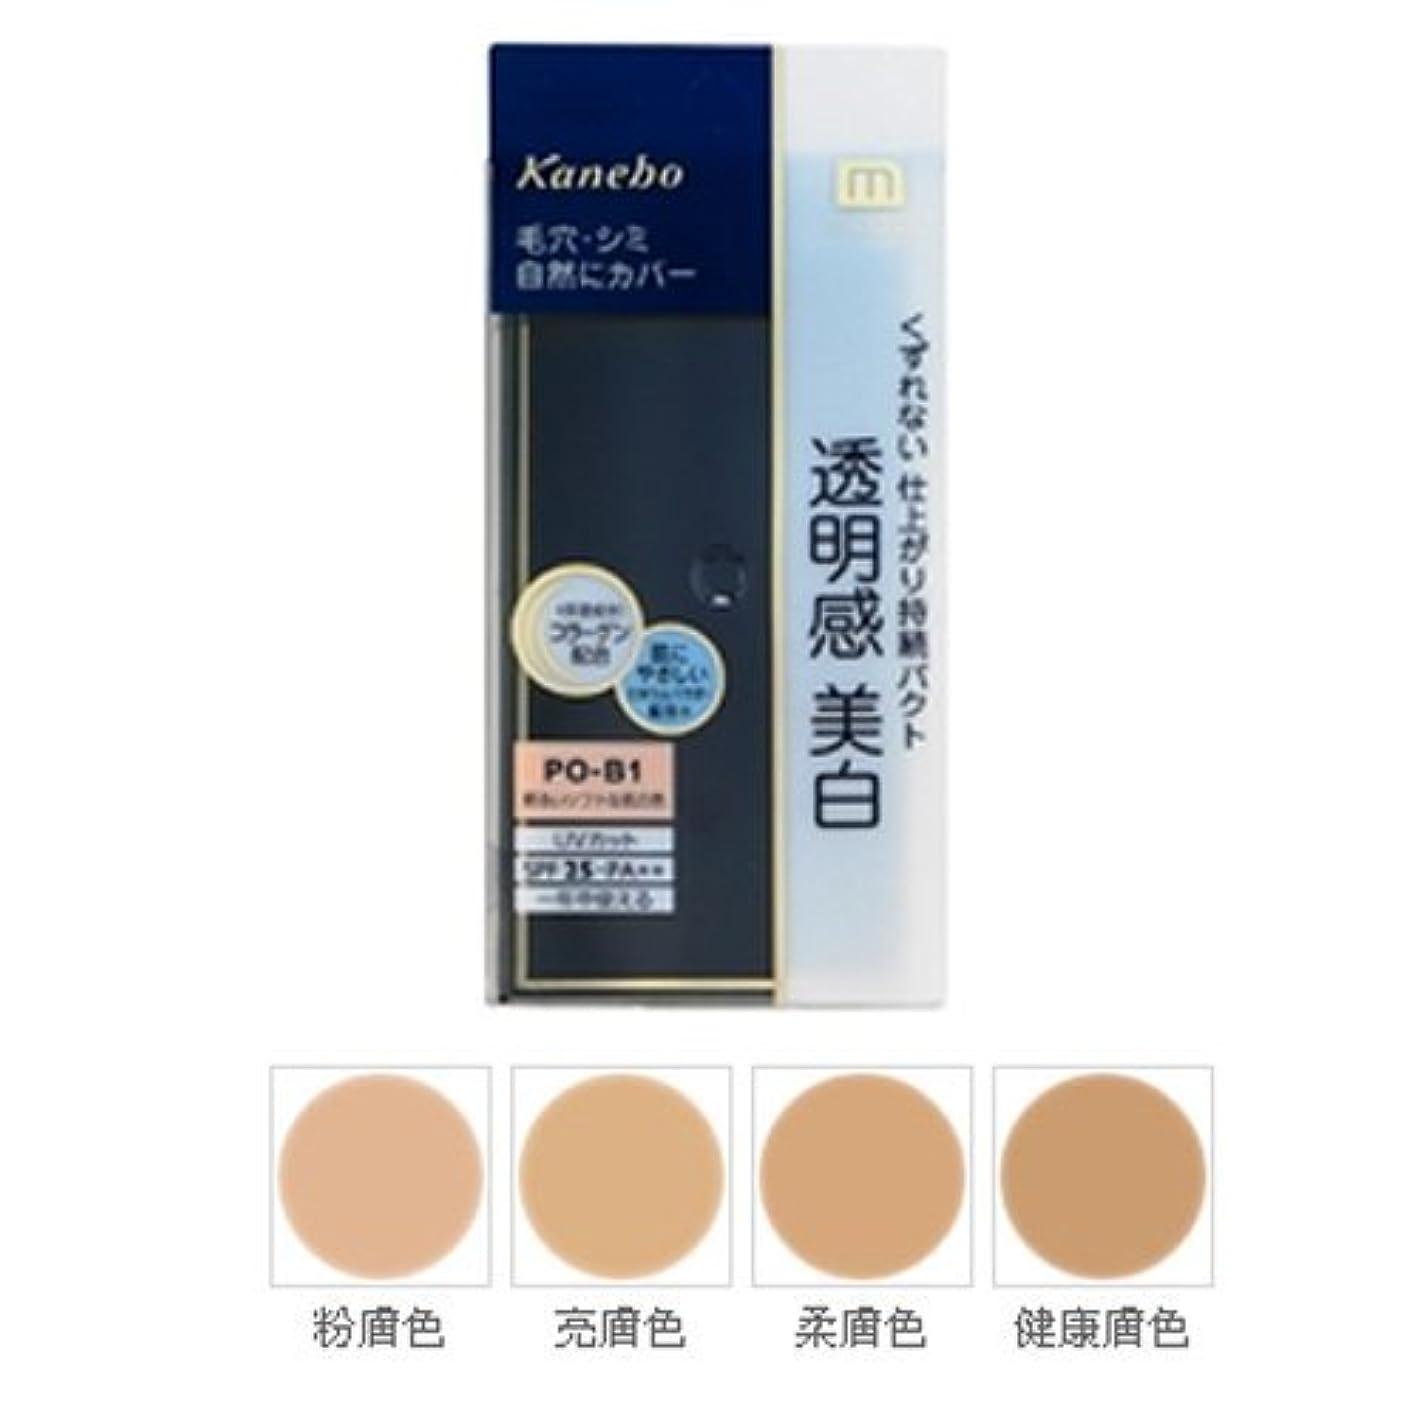 ベーコンスティックアーティストカネボウ メディア(media)ホワイトニングパクトA III カラー:OC-E1